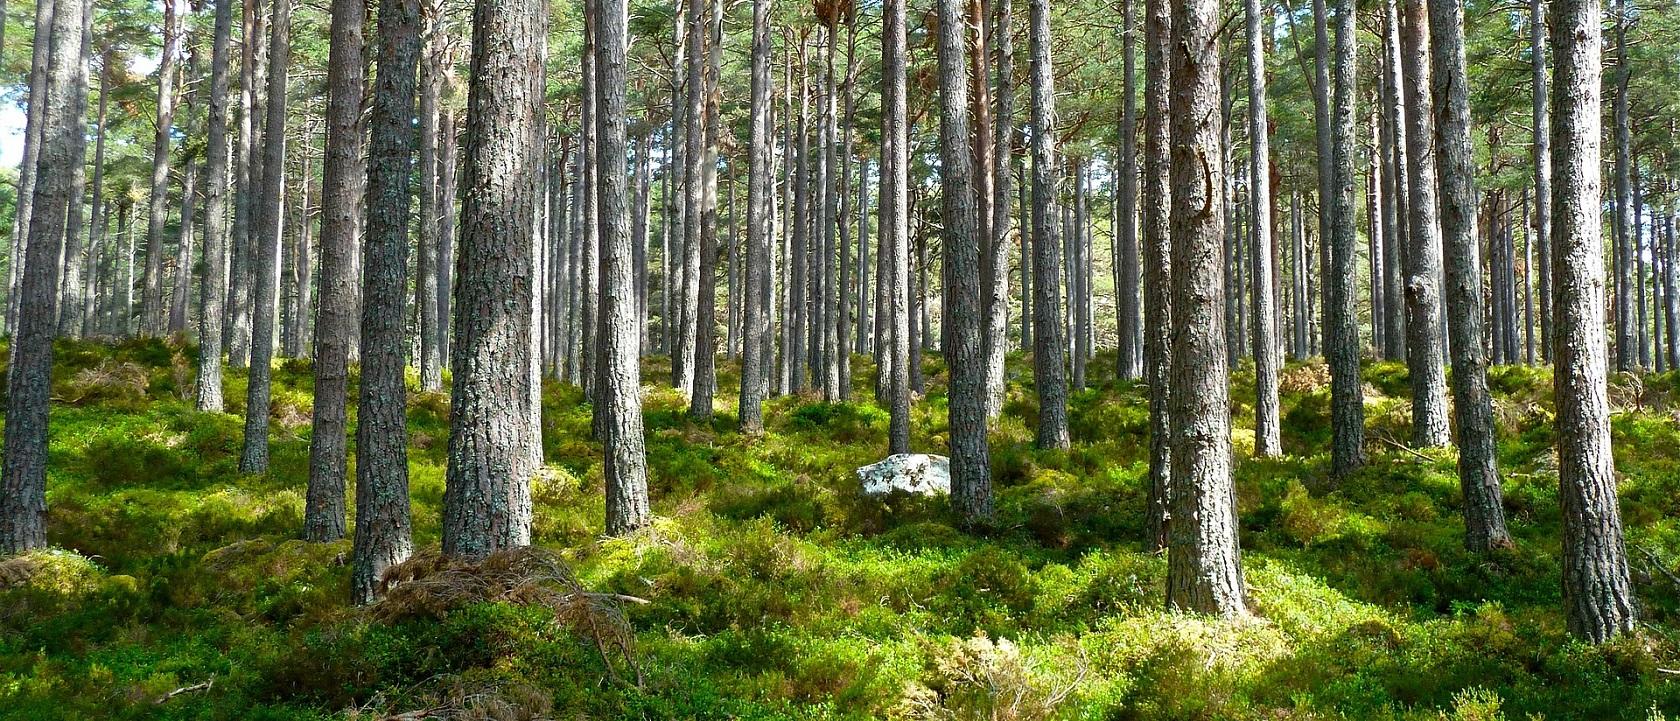 Spara miljö och skog genom nya resvanor